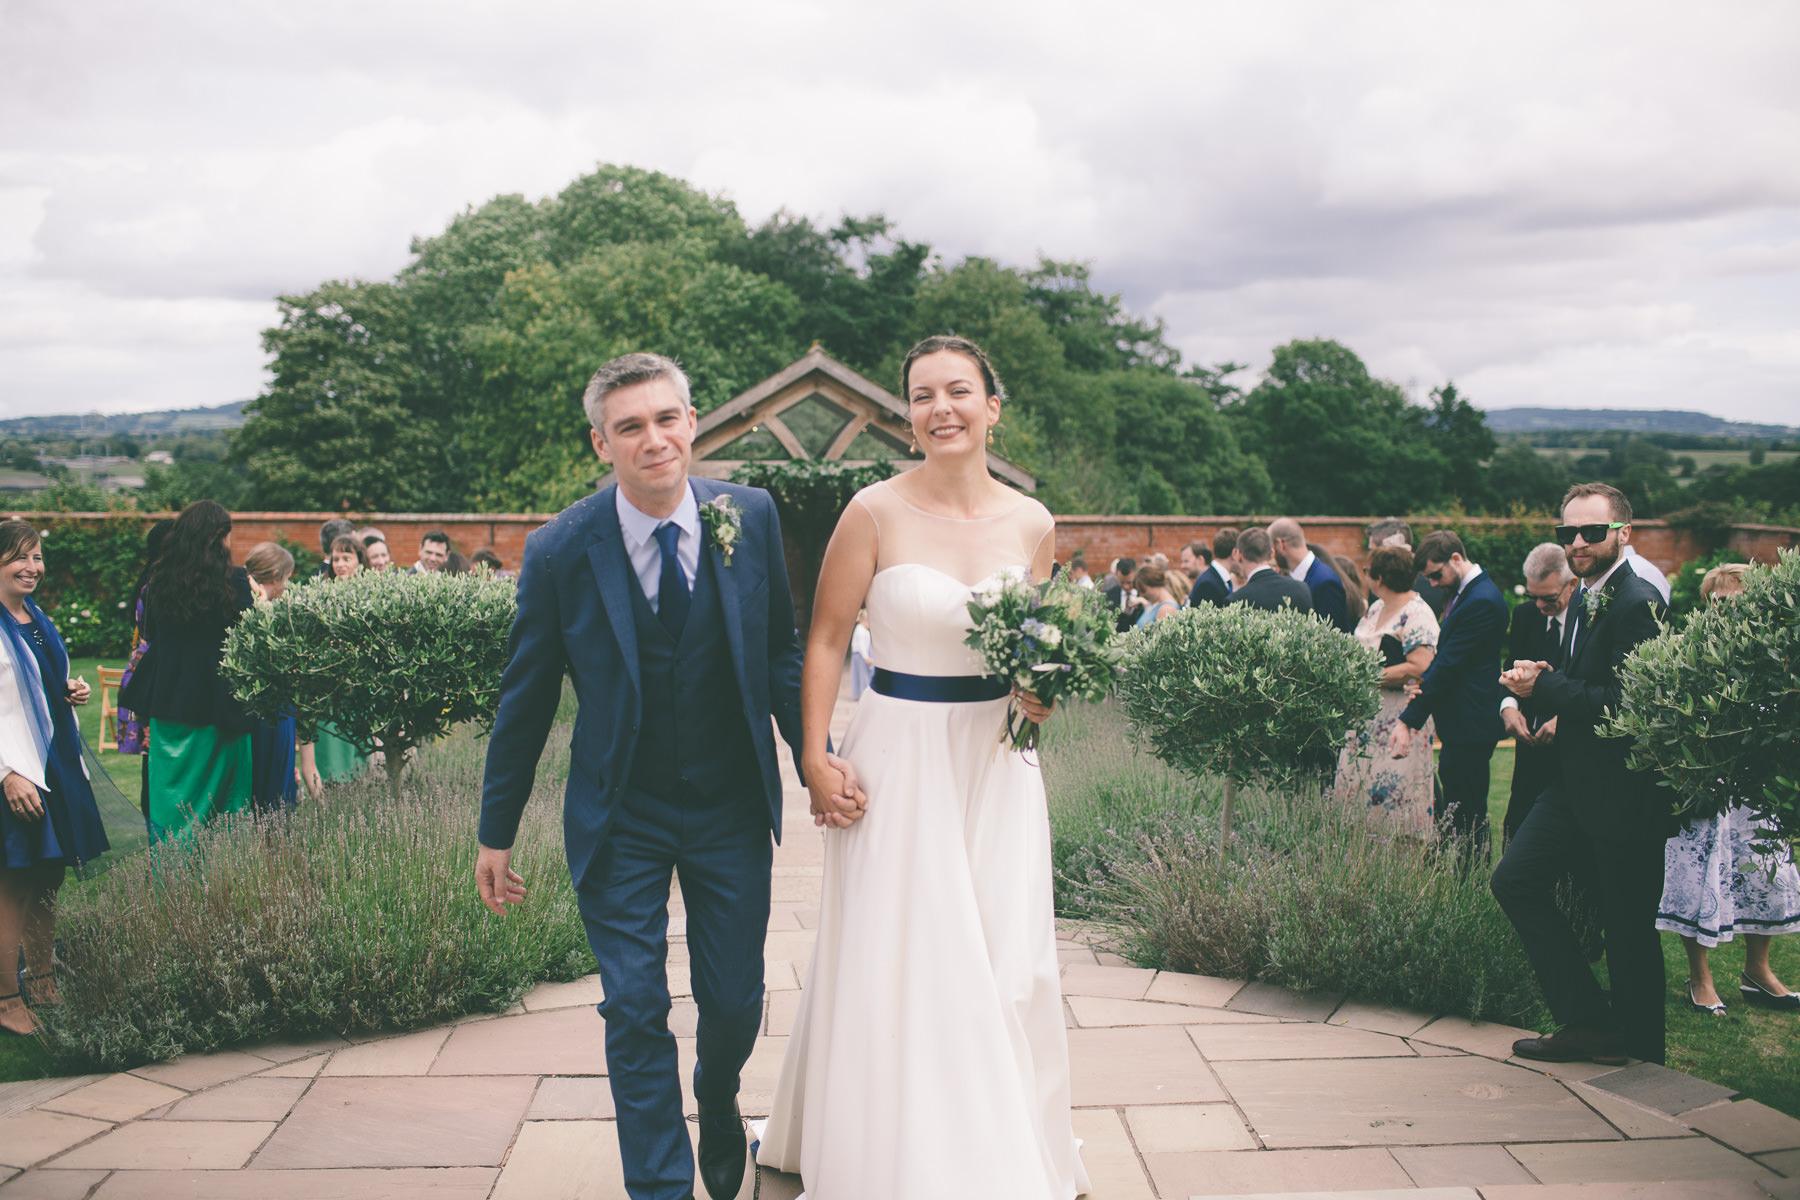 upton-barn-walled-garden-devon-wedding-photography-136